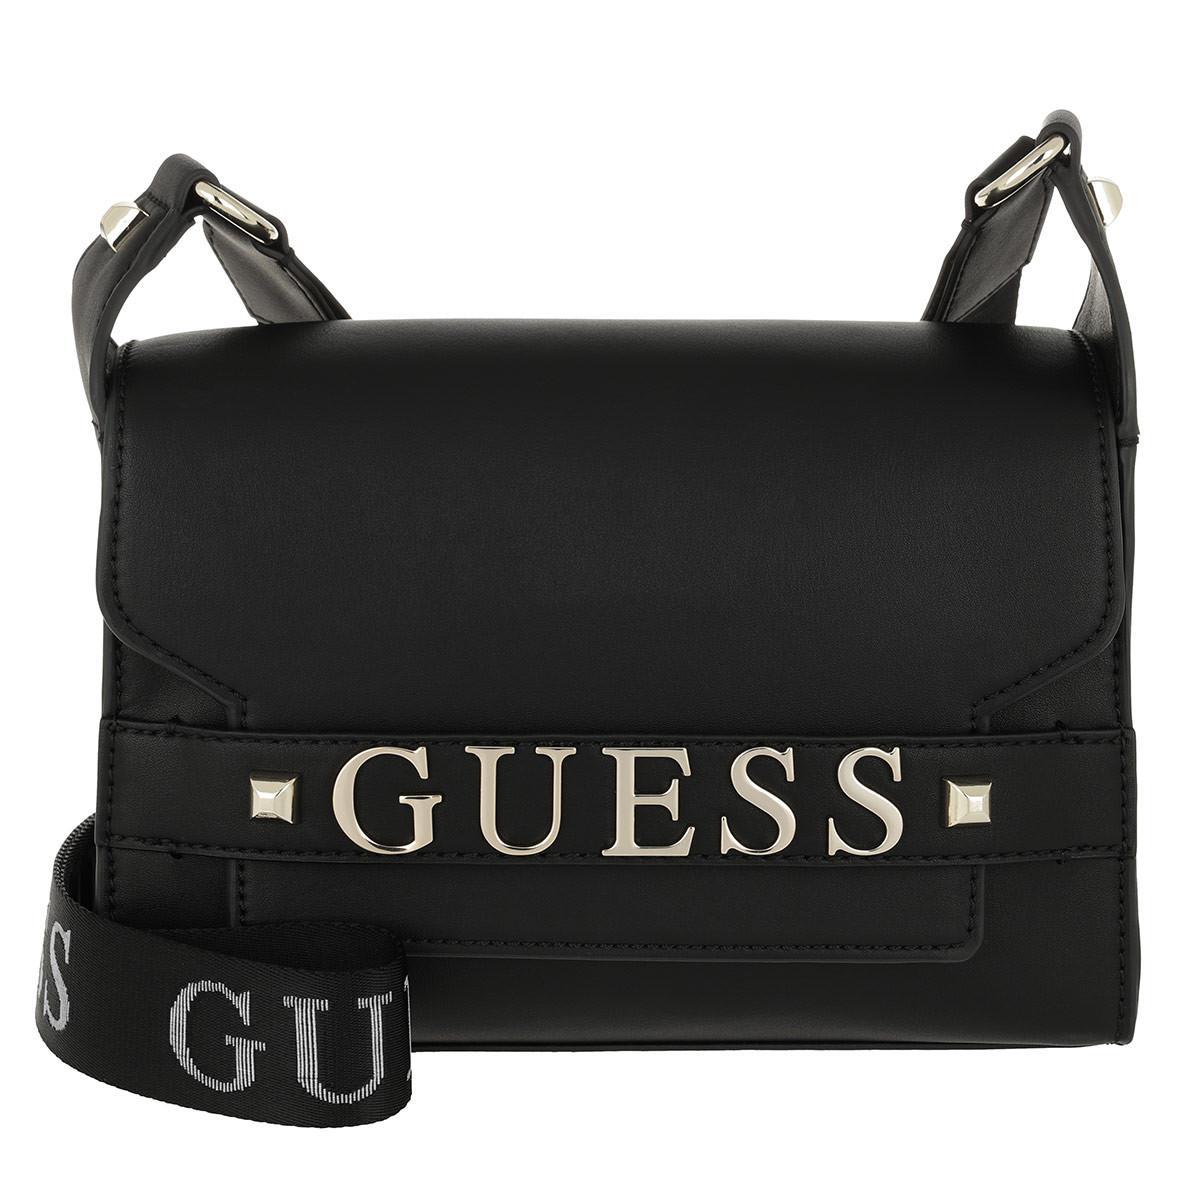 Guess Felix Shoulder Bag Black in Black - Lyst 17c3a6d99897d